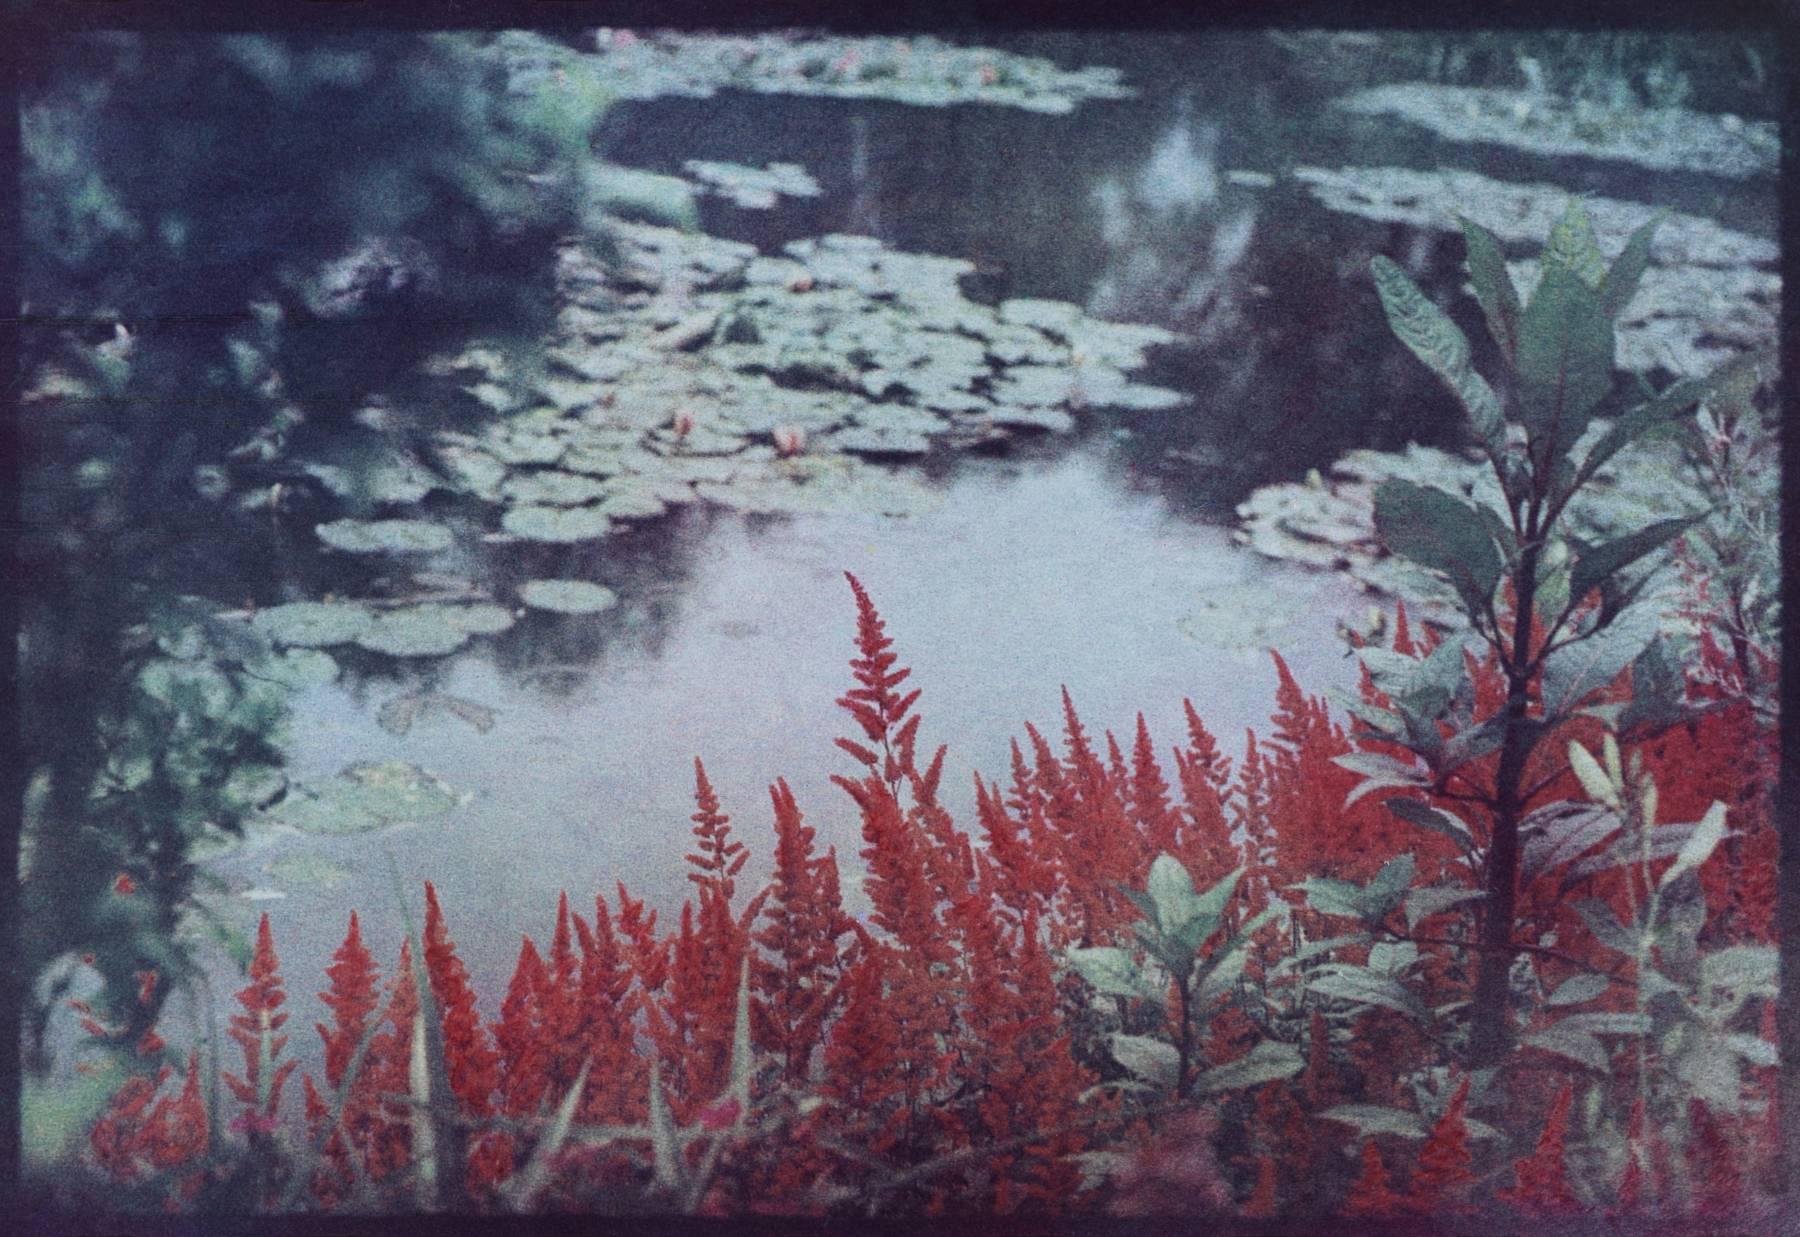 Bernard Plossu, Chez Monet, le jardin de l'autre côté, Giverny